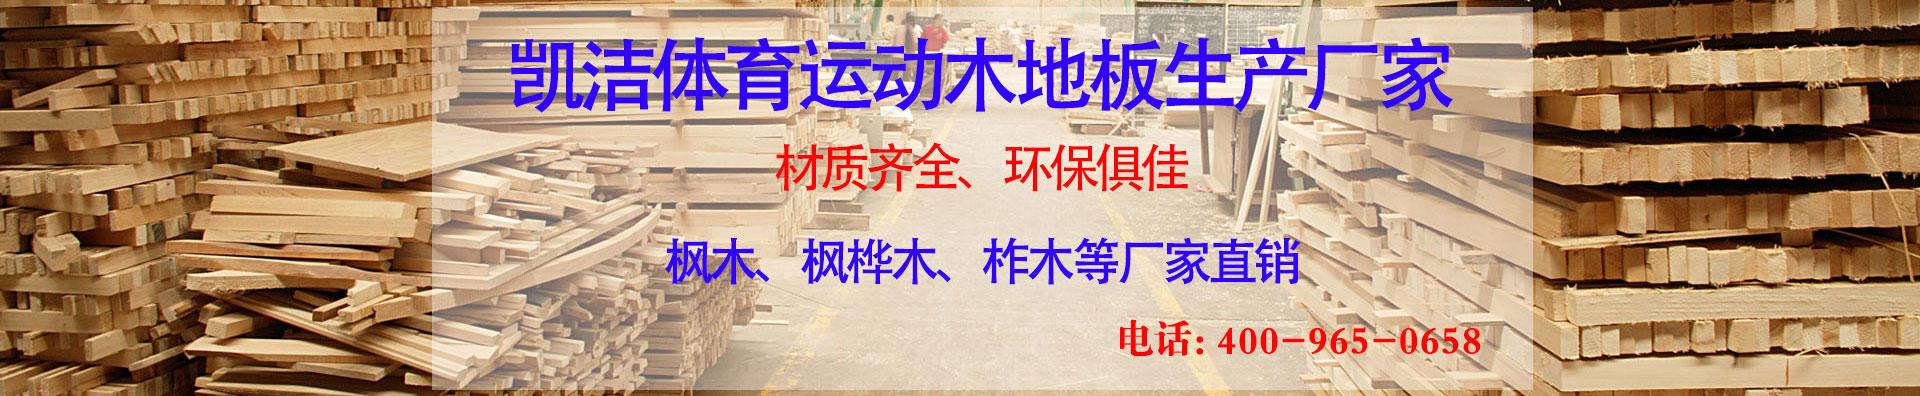 拼装舞台long8龙8国际维修_凯洁运动long8龙8国际